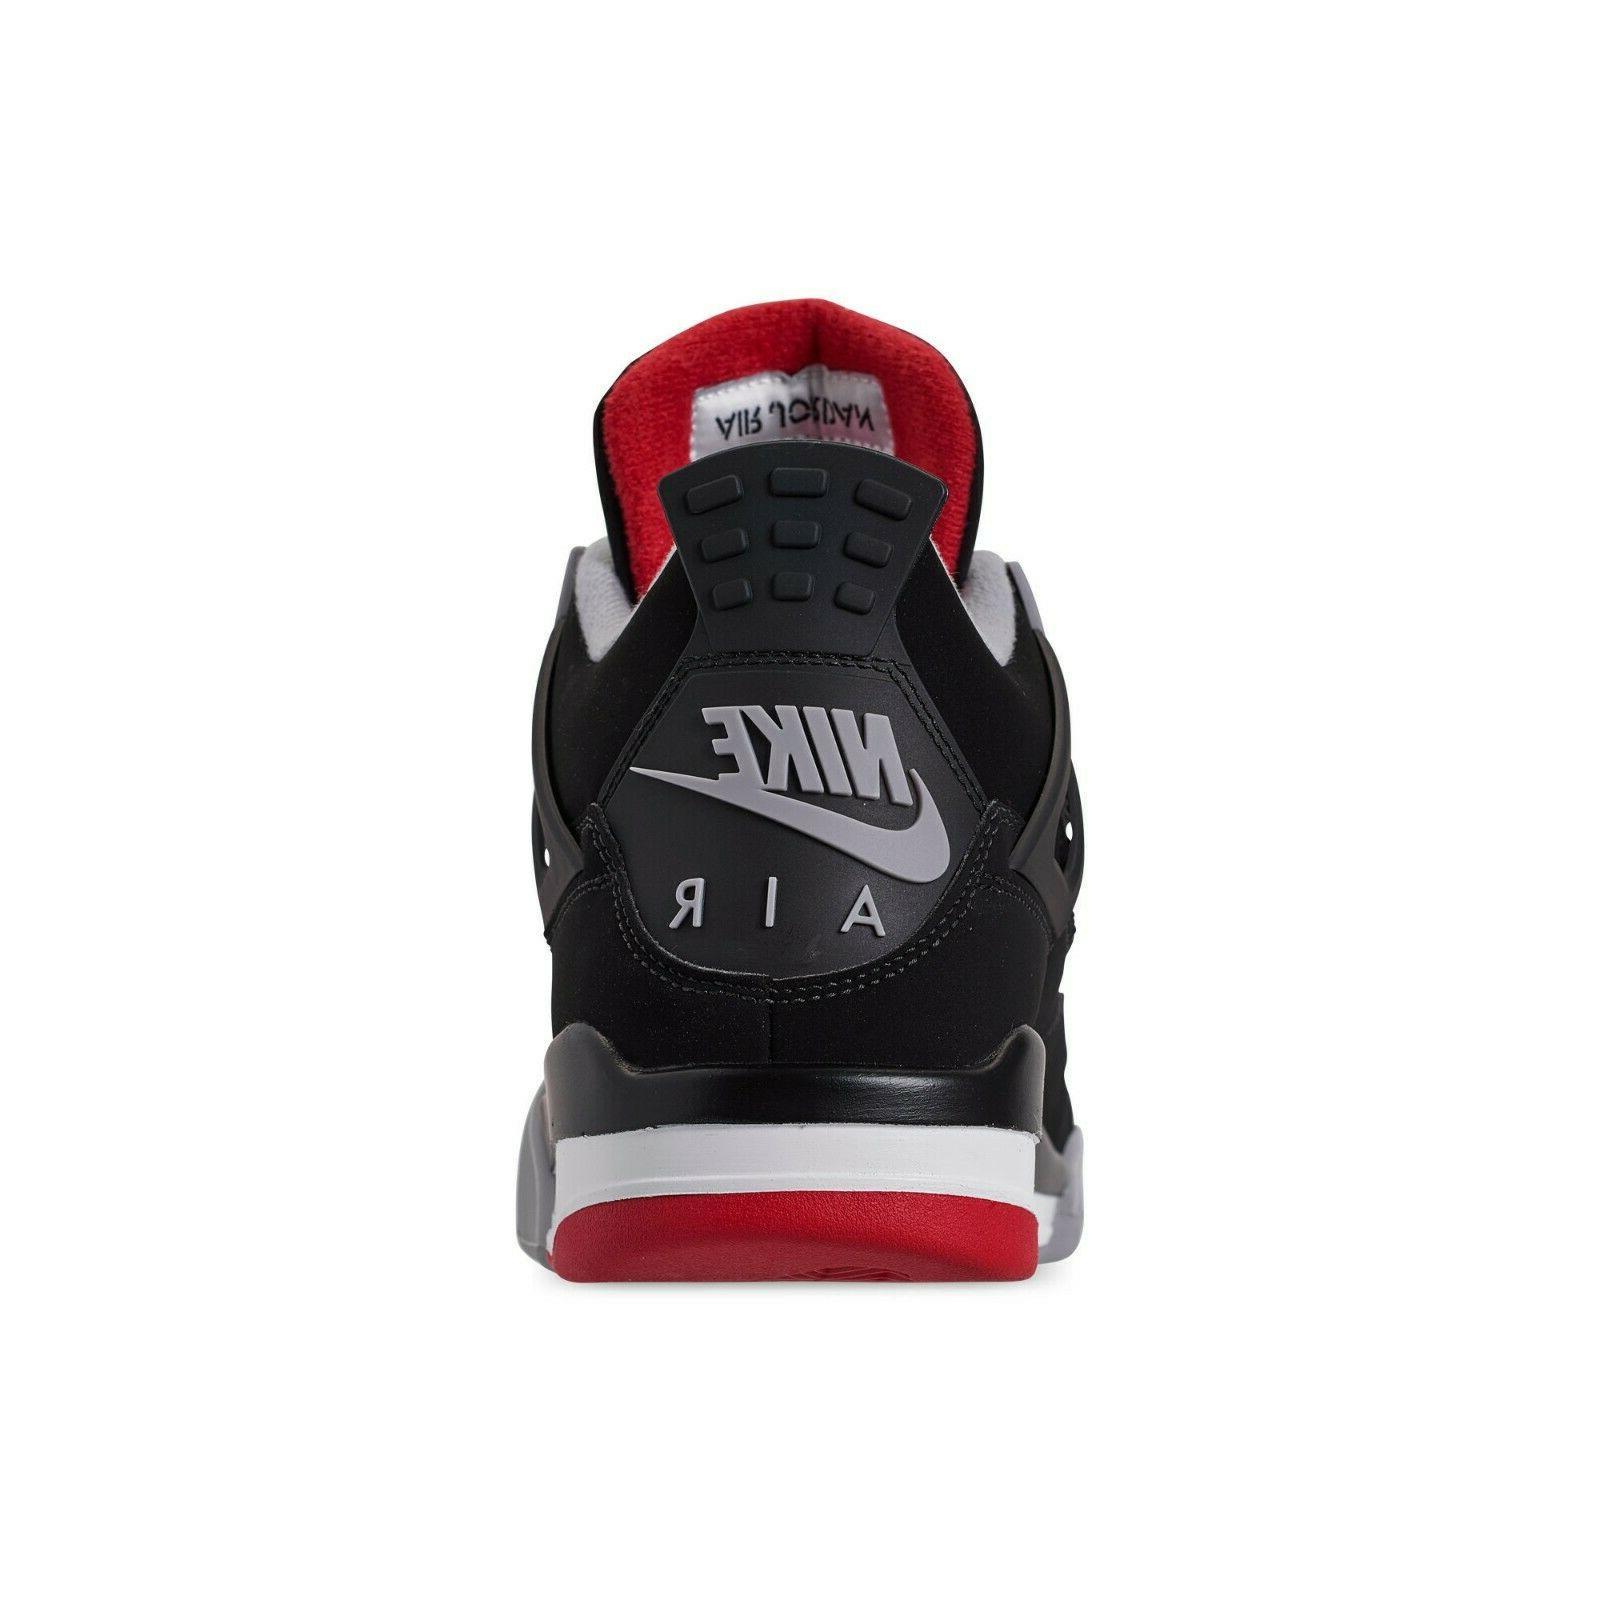 Air Jordan Bred Retro OG Cement Red